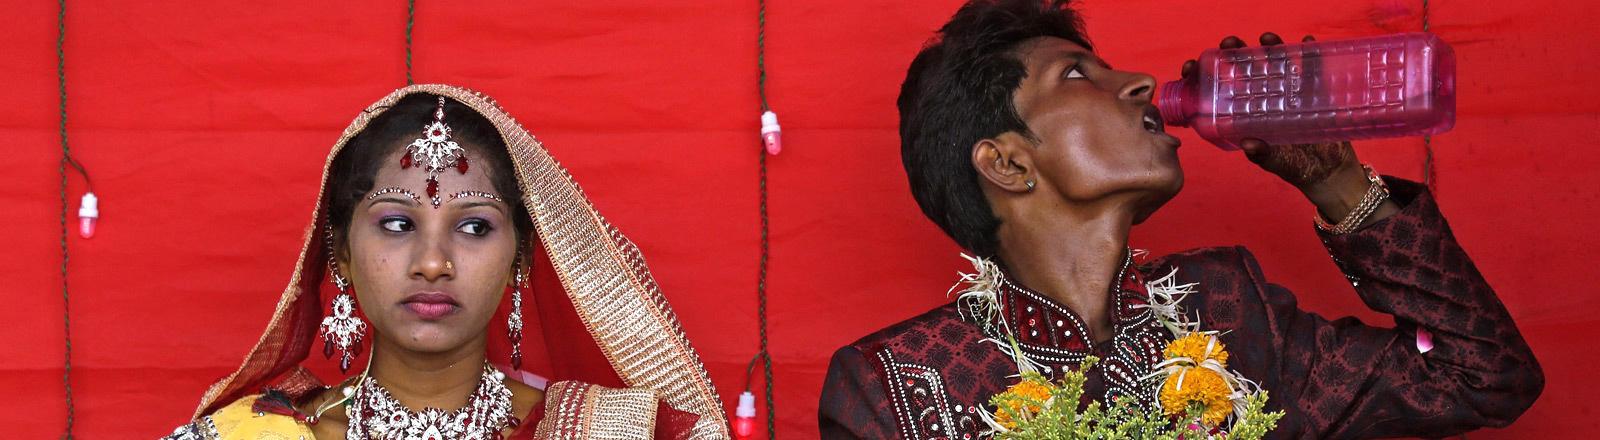 Eine indische Hochzeit.